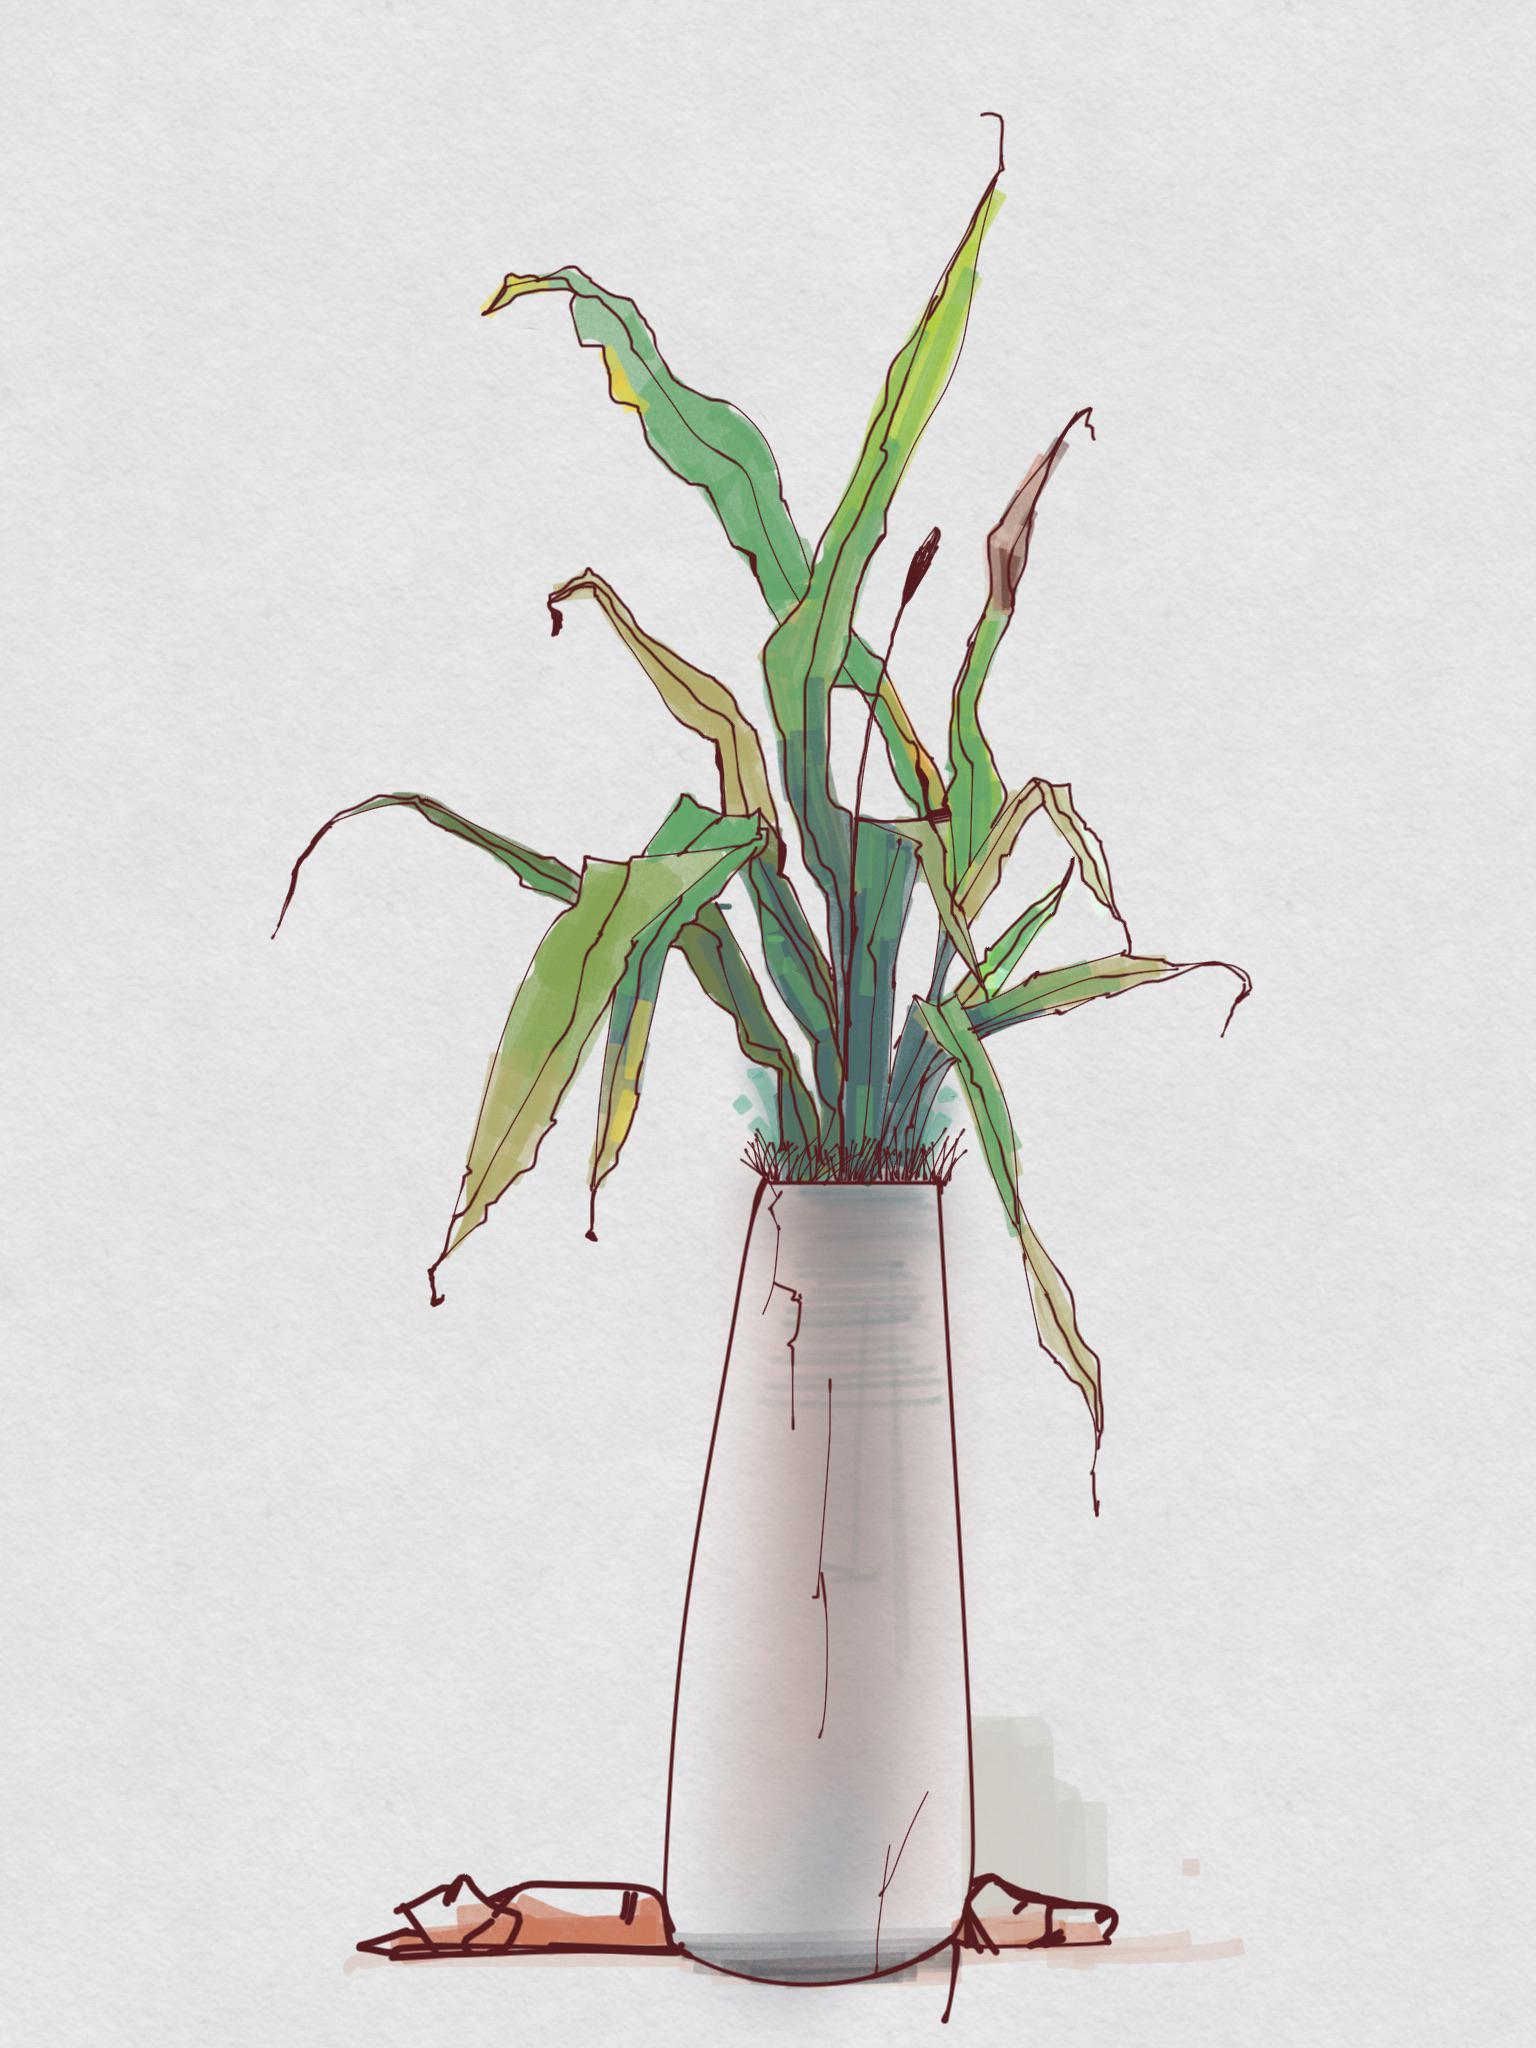 植物成长记录图片